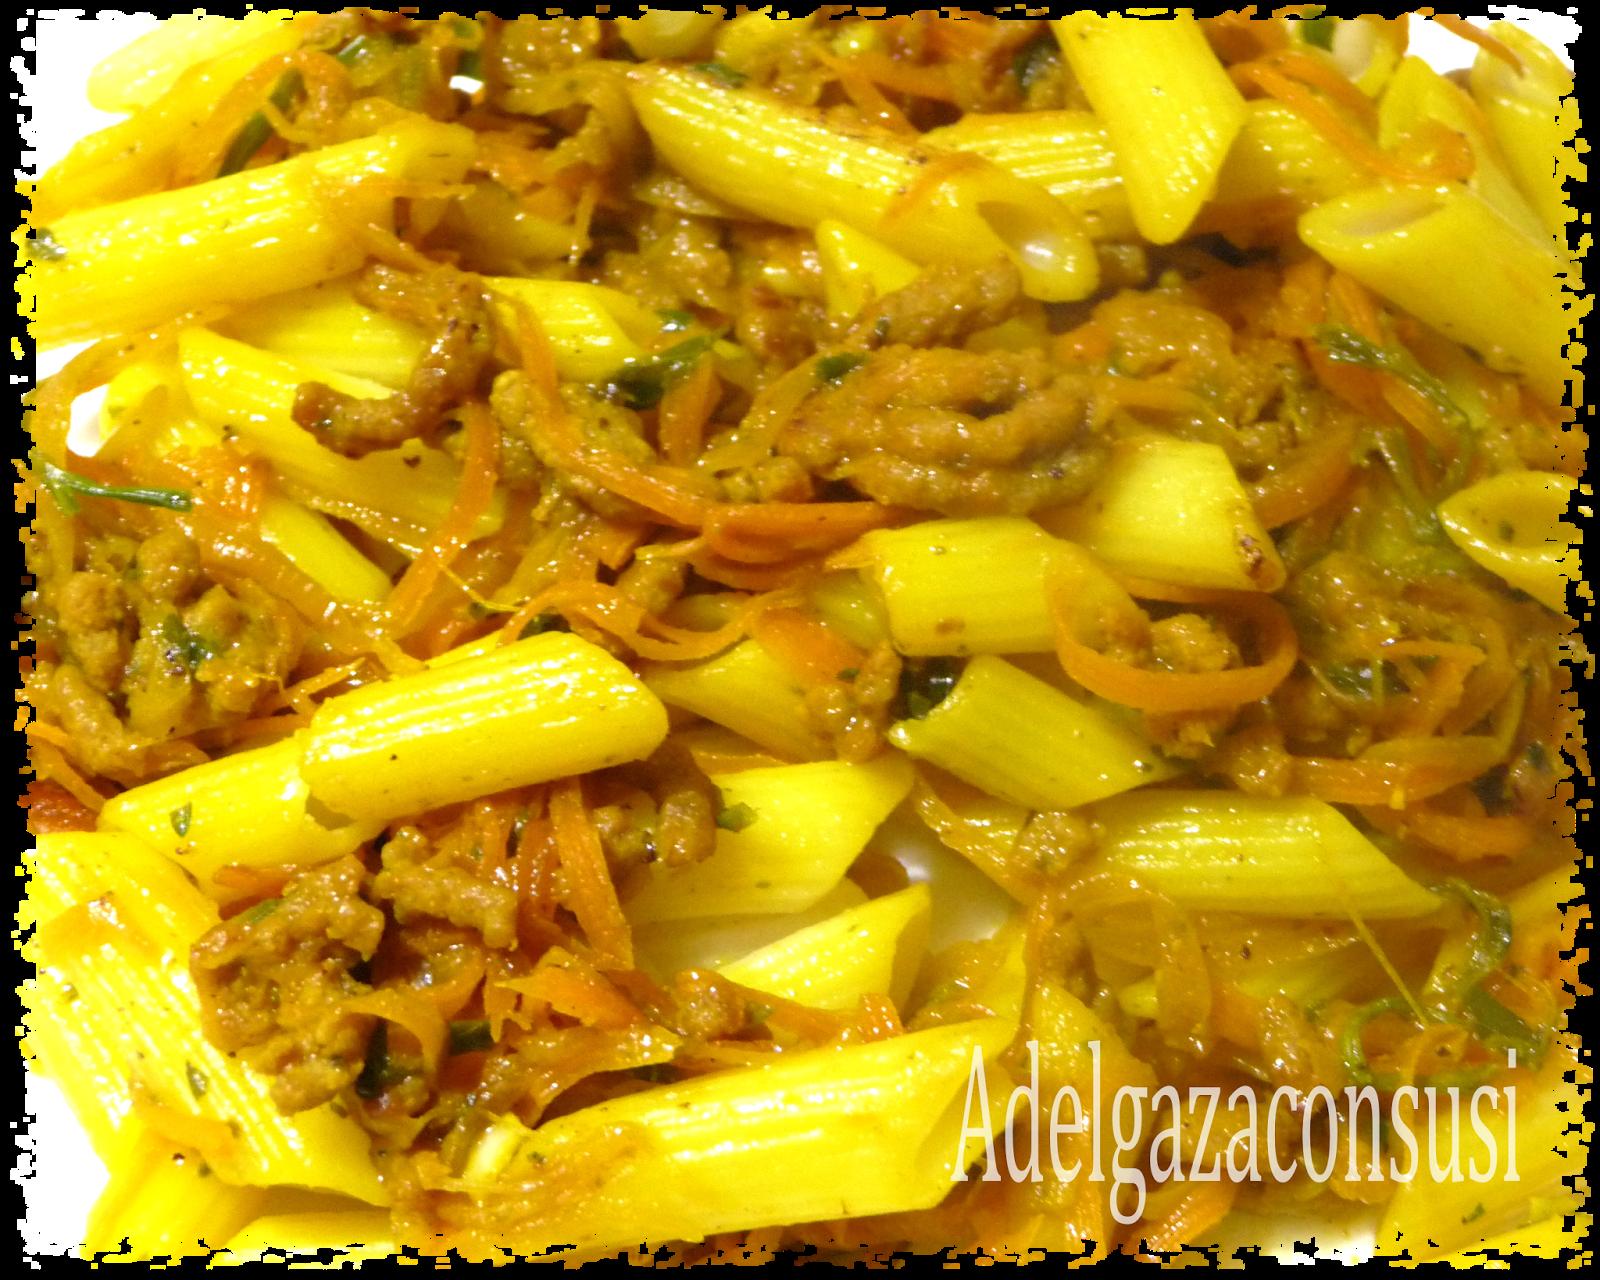 Macarrones con carne y verduras (1/2)  Cals: 304kcal | Grasa: 5,71g | Carbh: 42,12g | Prot: 20,67g  Plato único rico en proteinas, hidrat...